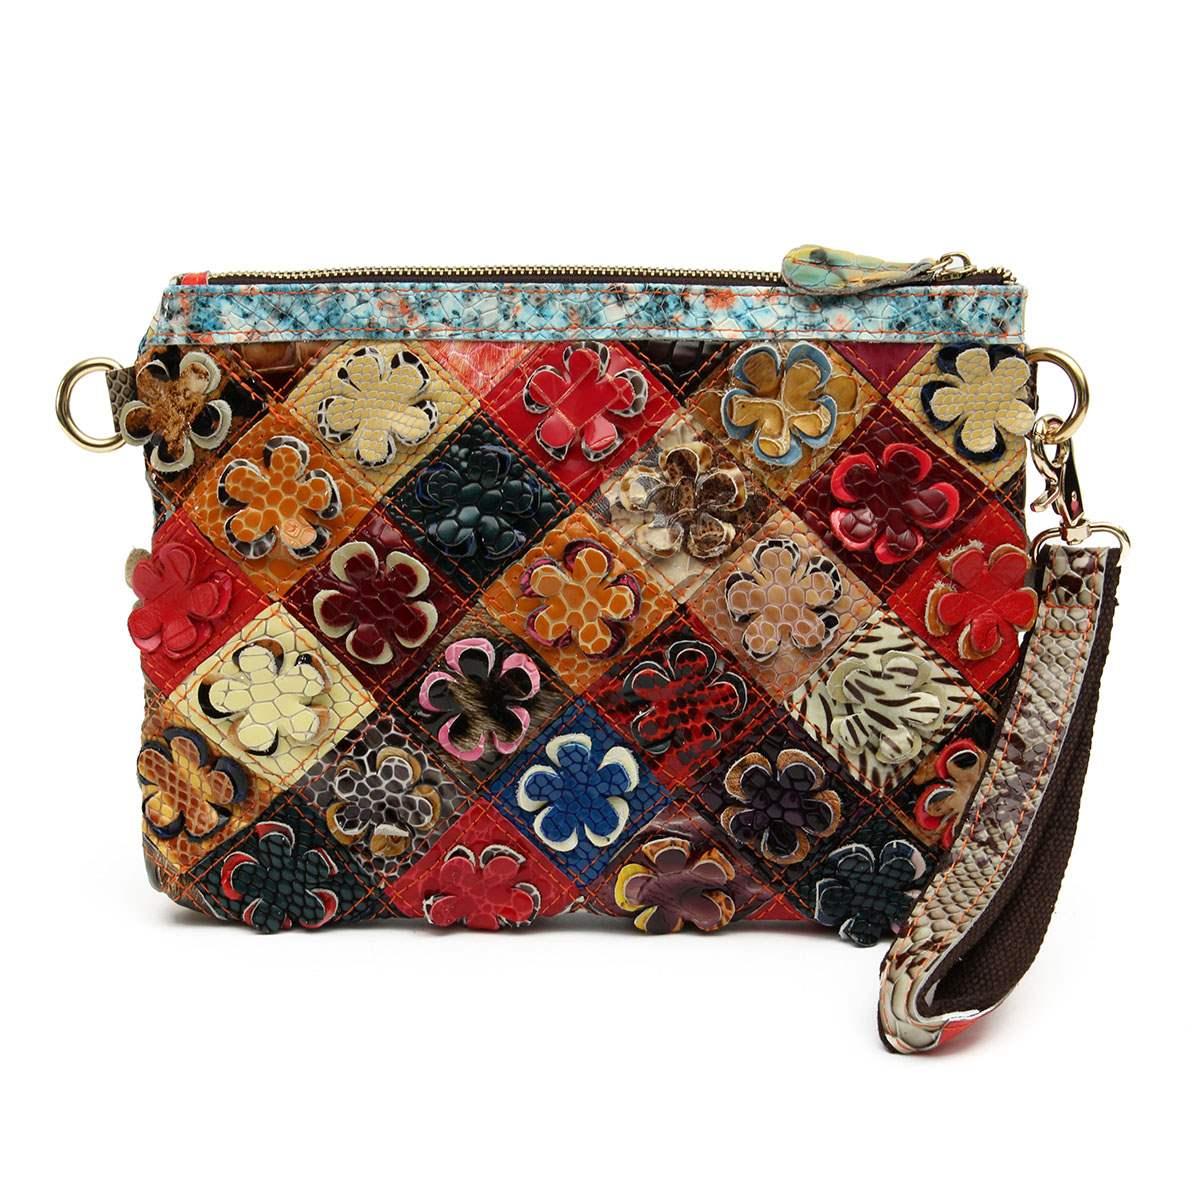 vintage sacolas totes colorido Tipo de Bolsa : Bolsas Mensageiro